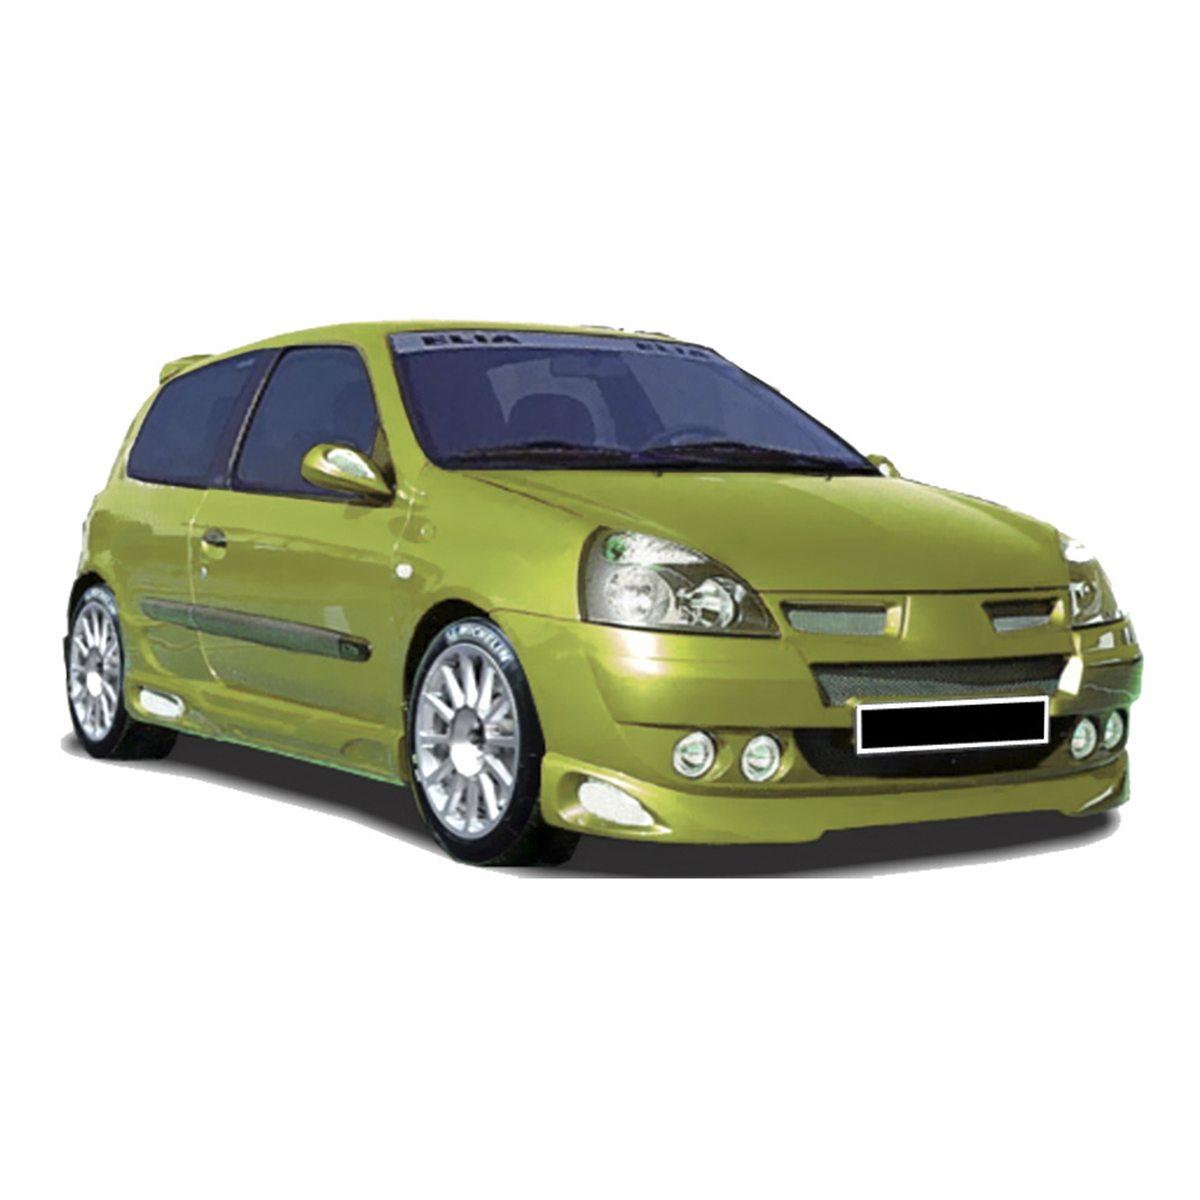 Renault-Clio-02-Venus-Frt-PCU0760